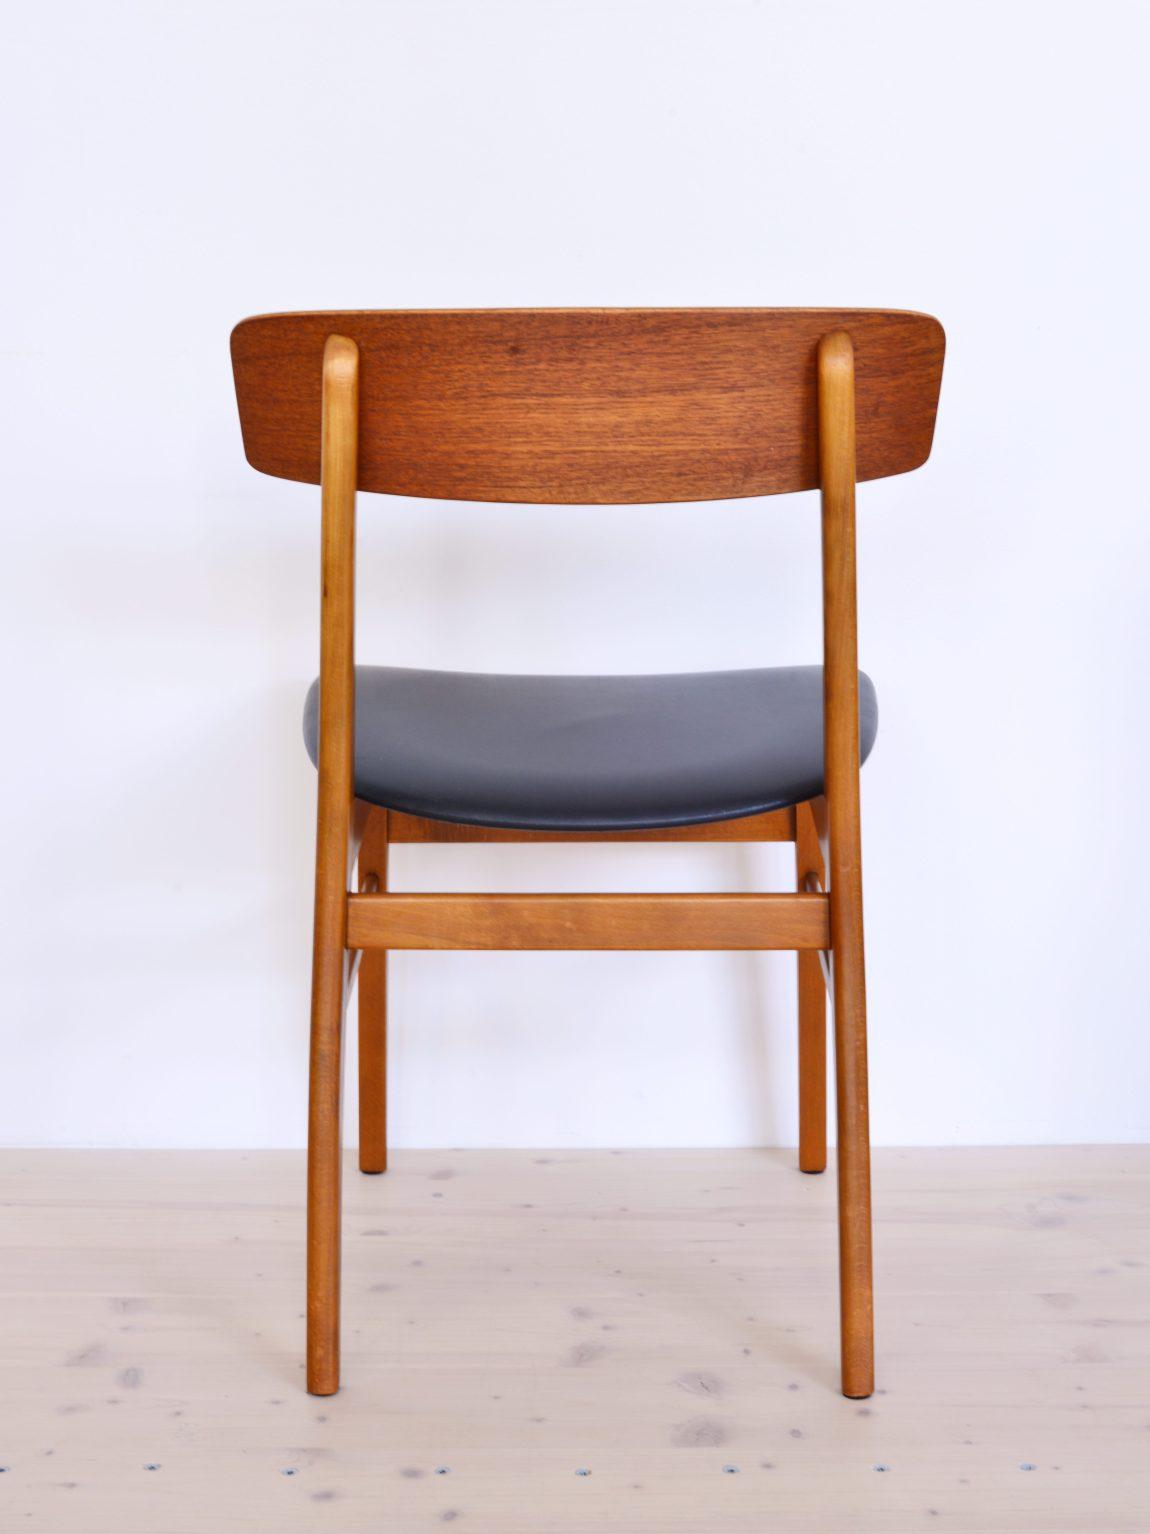 Farstrup Office Chair with Rectangular Backrest heyday möbel moebel Zürich Binz